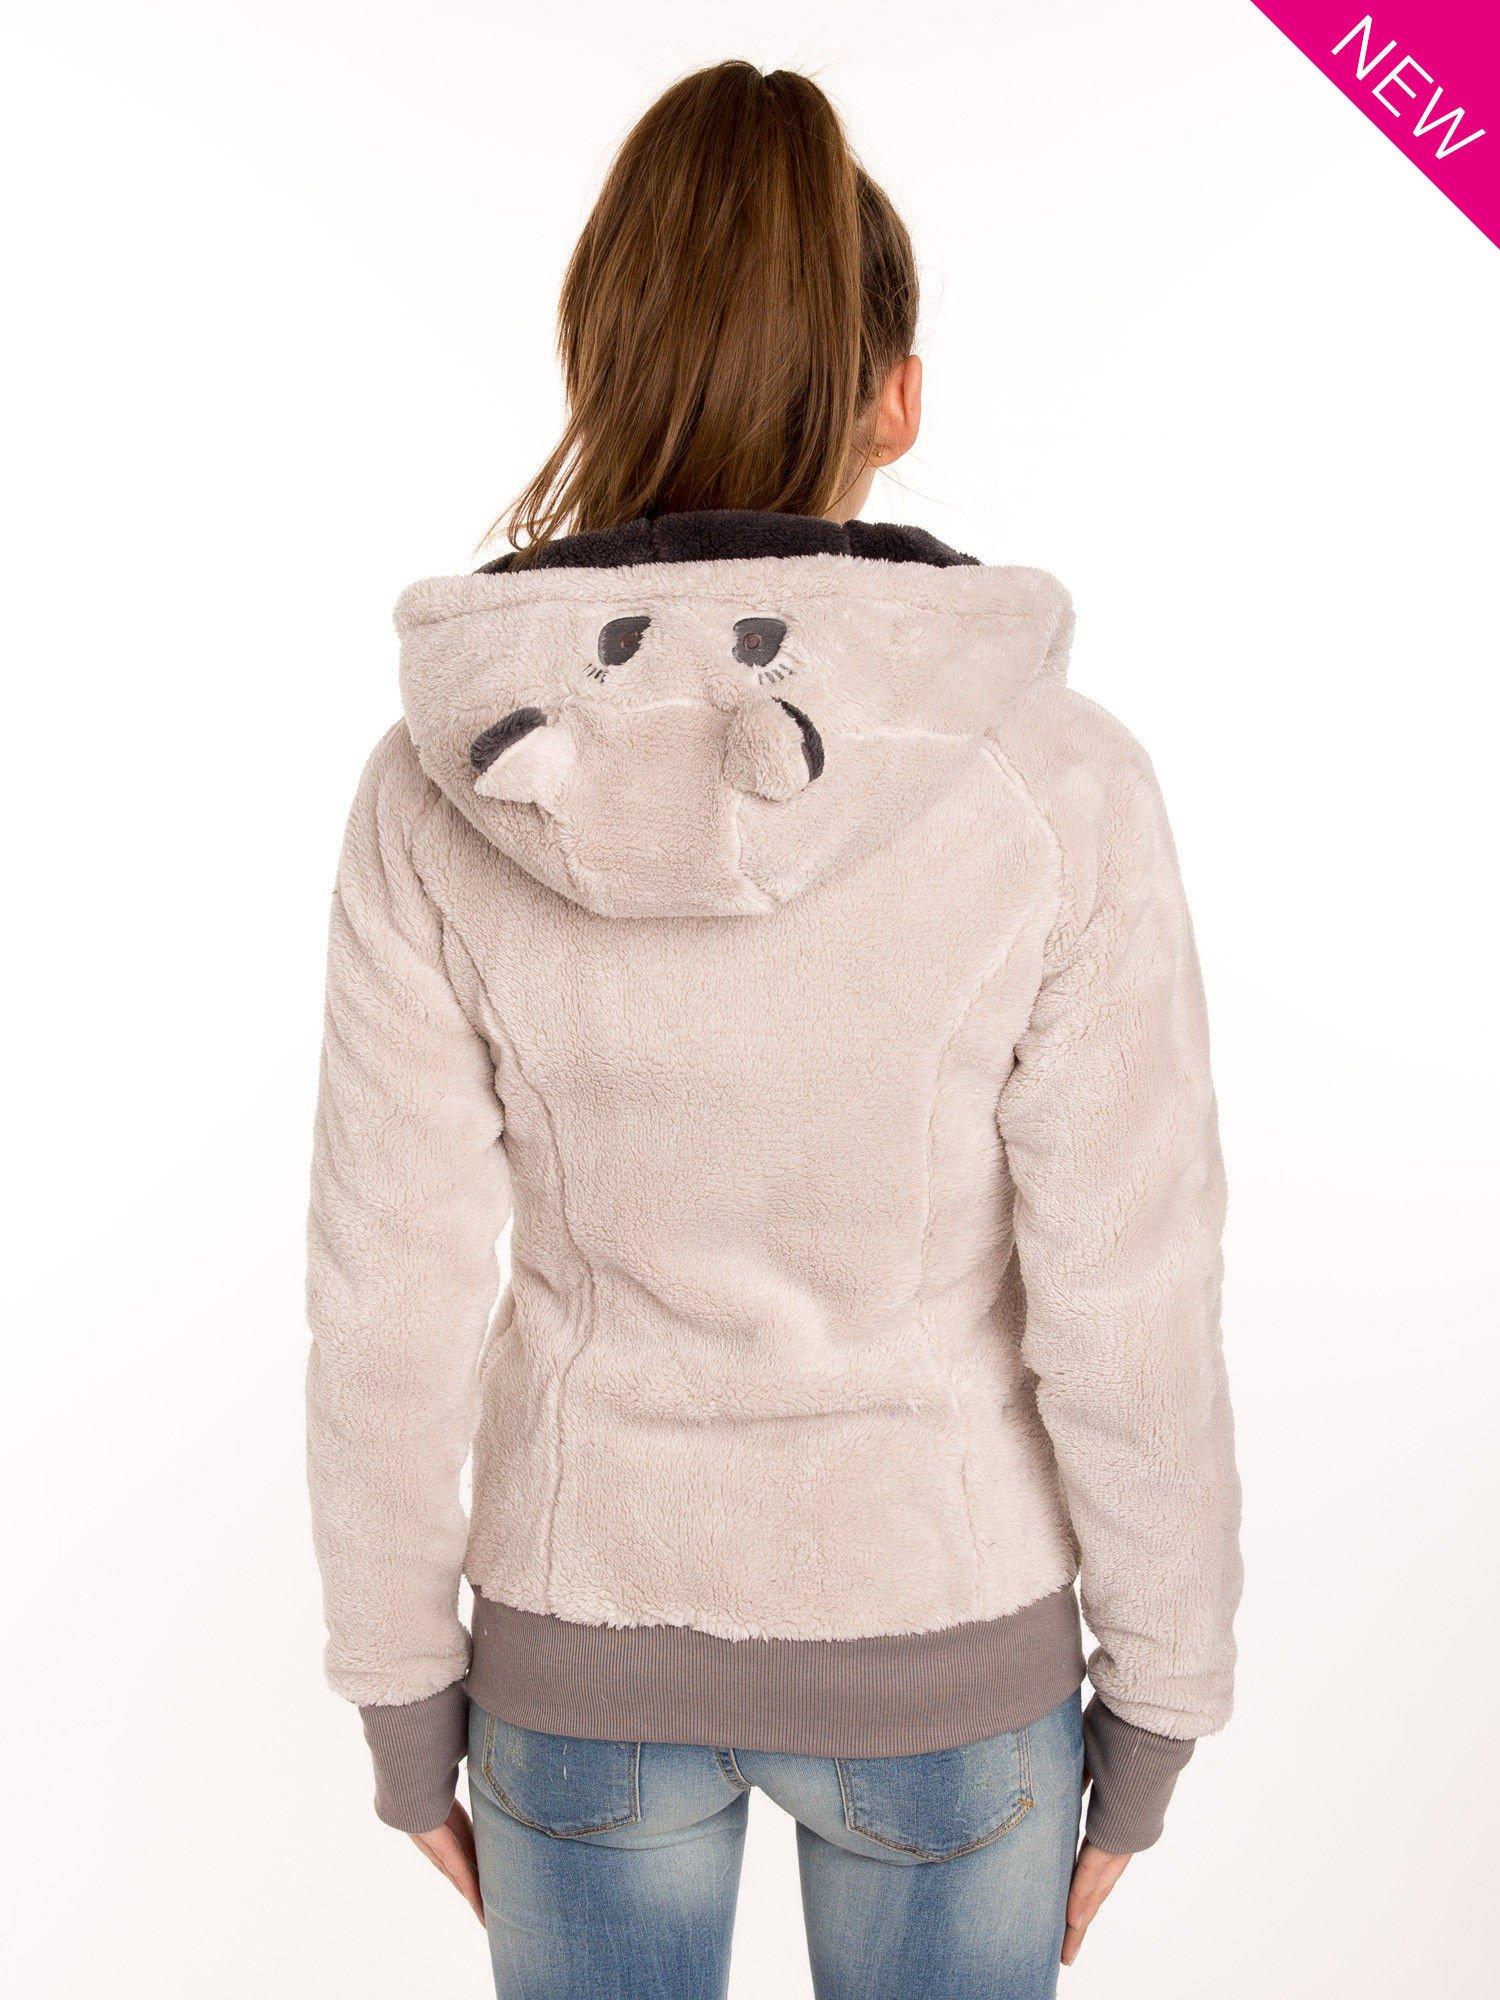 Kremowa polarowa bluza miś z kapturem z uszkami                                  zdj.                                  3